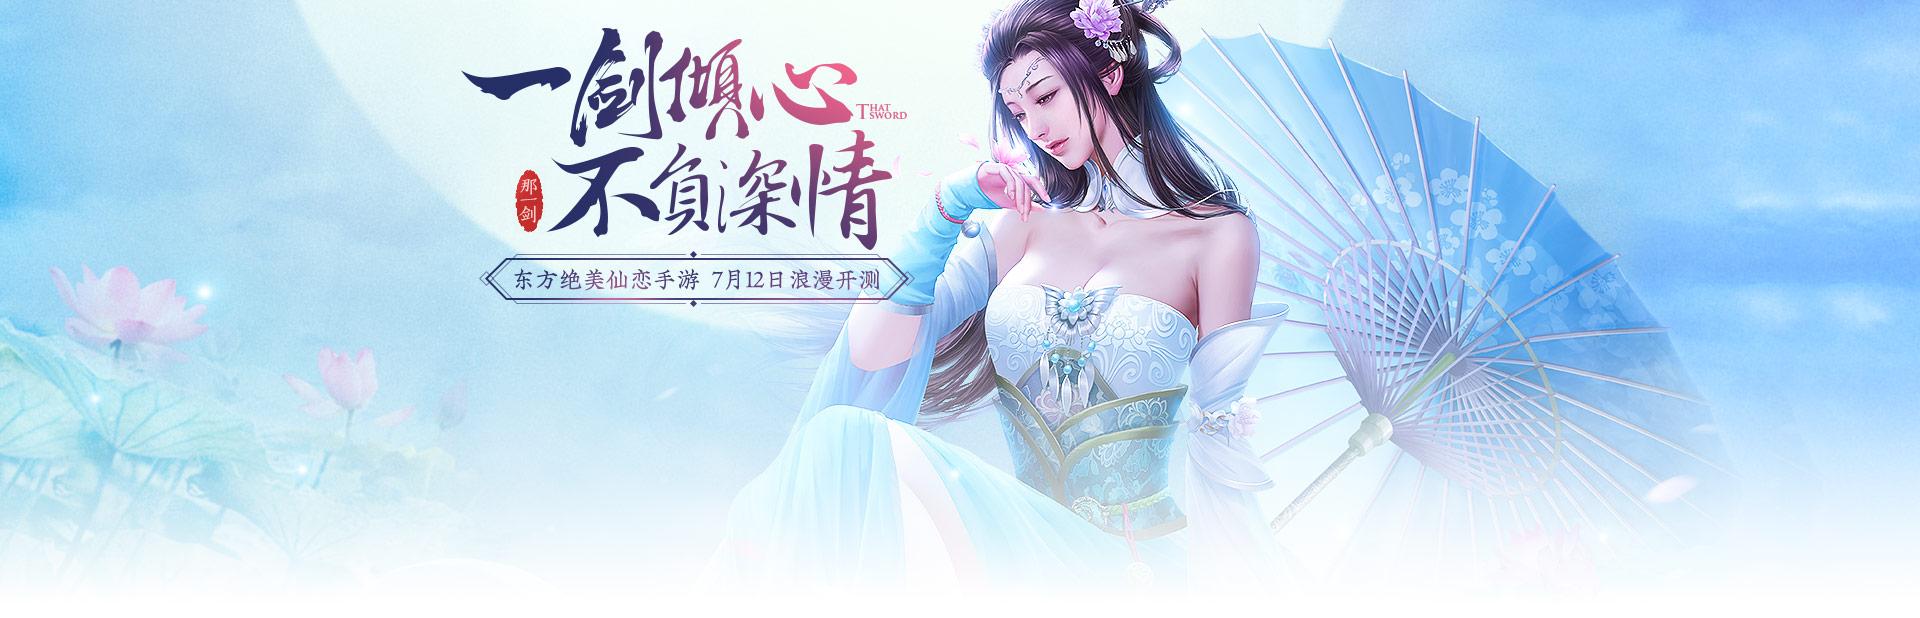 《那一剑江湖》官网